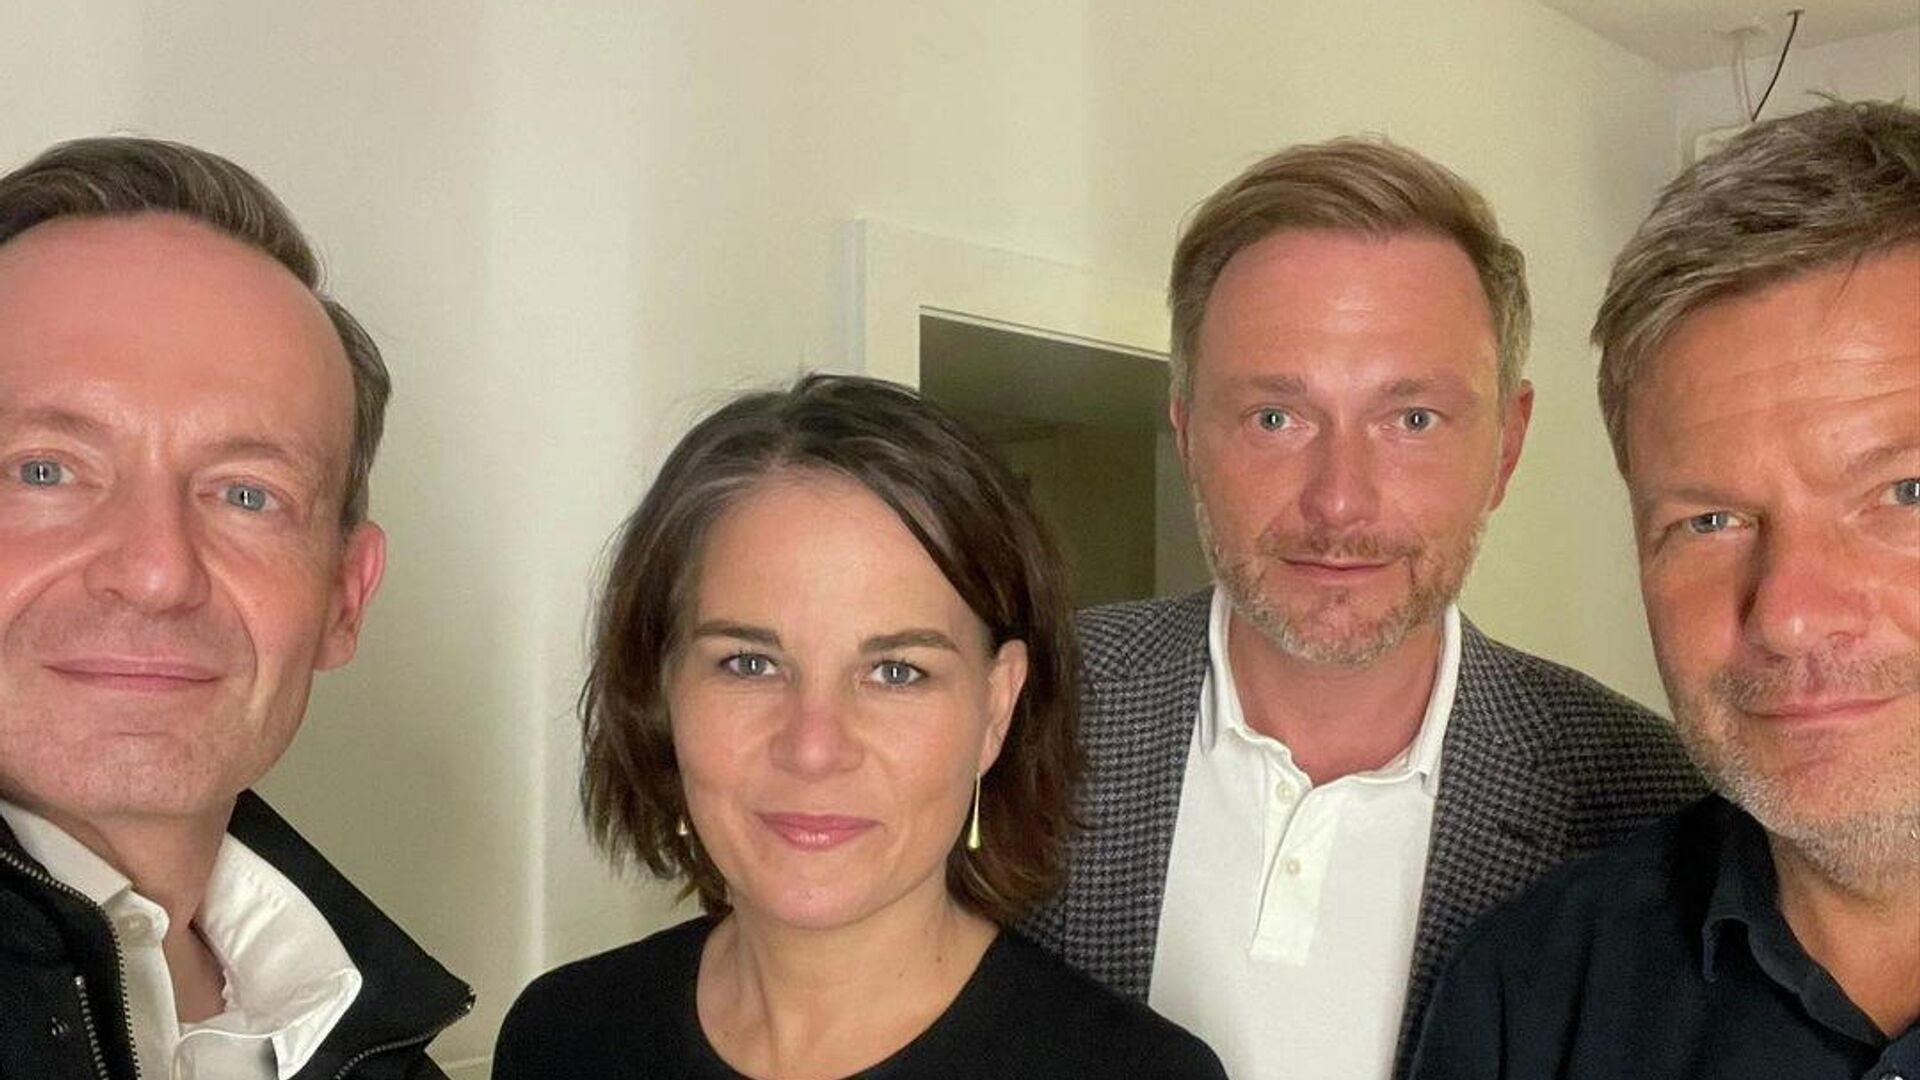 FDP-Parteichef Christian Lindner und FDP-Generalsekretär Volker Wissing sowie die Grünen-Vorsitzenden Annalena Baerbock und Robert Habeck. - SNA, 1920, 29.09.2021